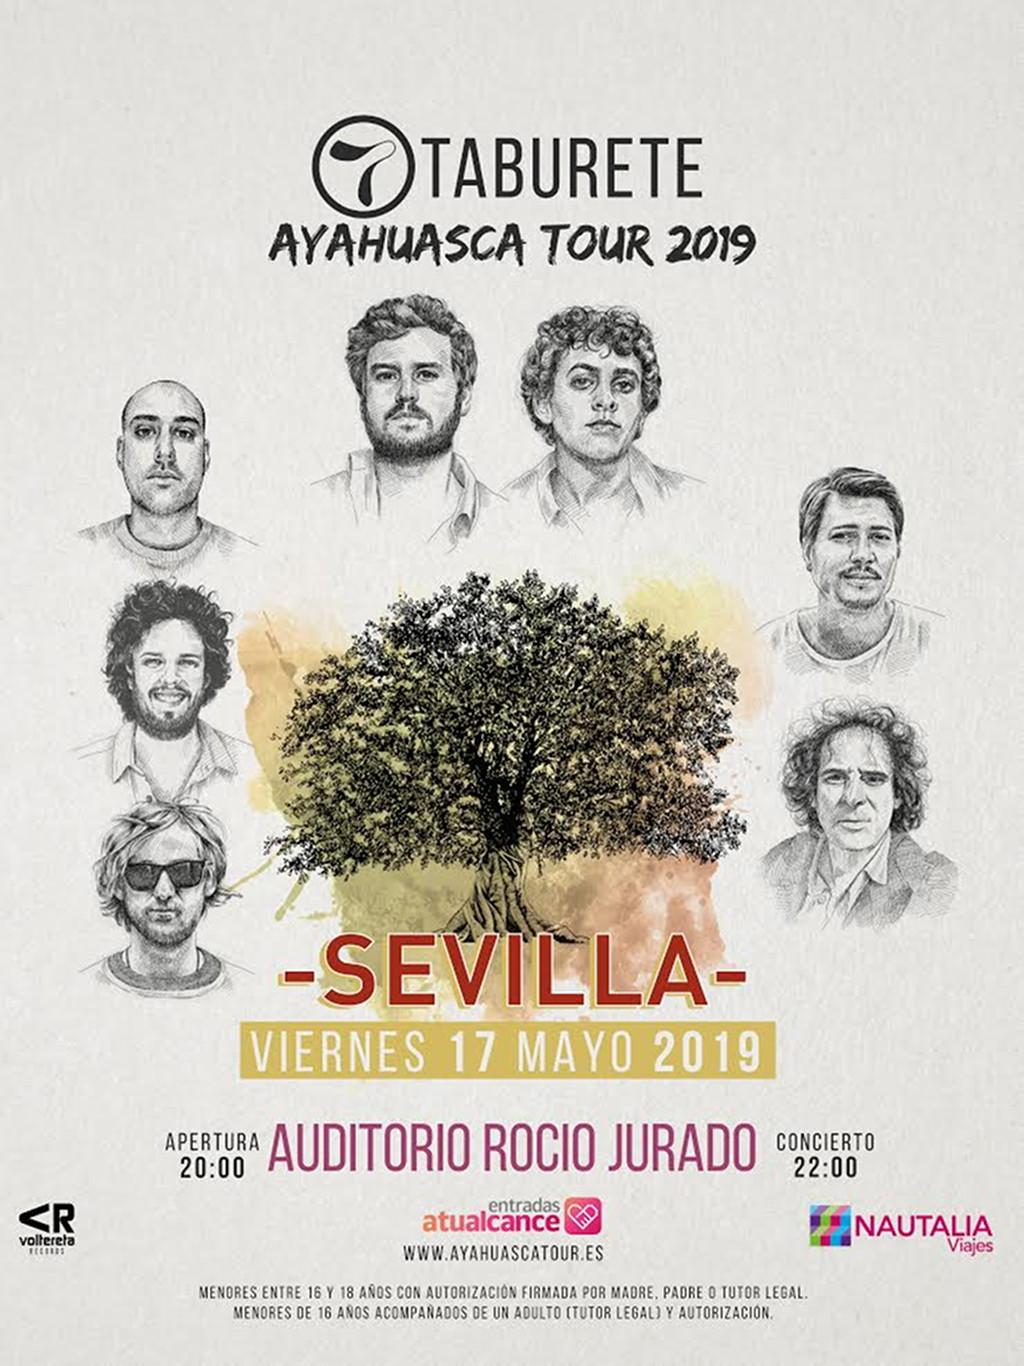 Taburete en concierto con Ayahuasca Tour en el Auditorio Rocío Jurado de Sevilla